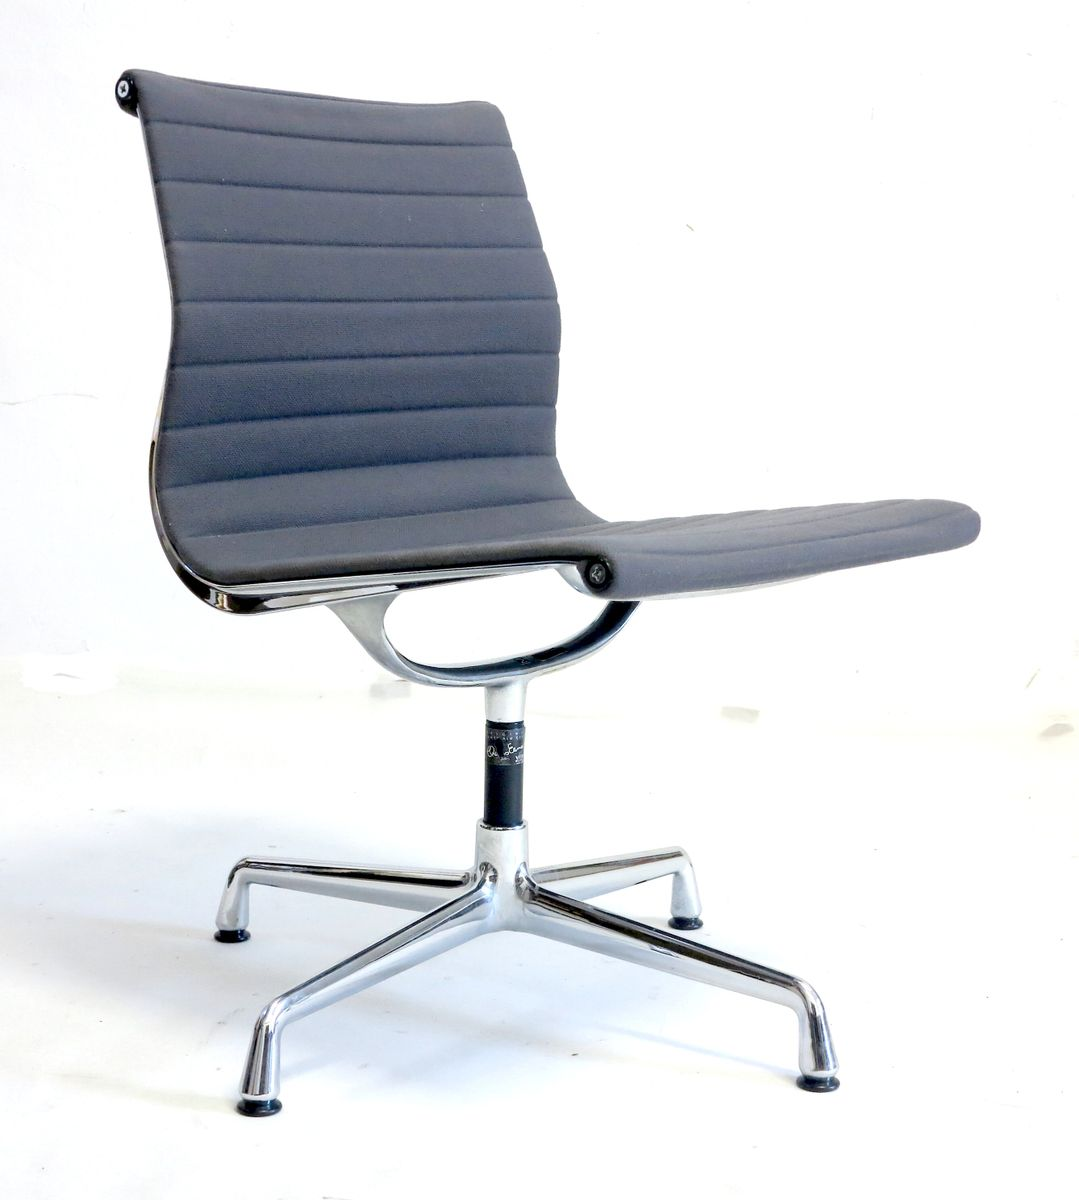 chaise pivotante vintage par charles ray eames pour vitra en vente sur pamono. Black Bedroom Furniture Sets. Home Design Ideas